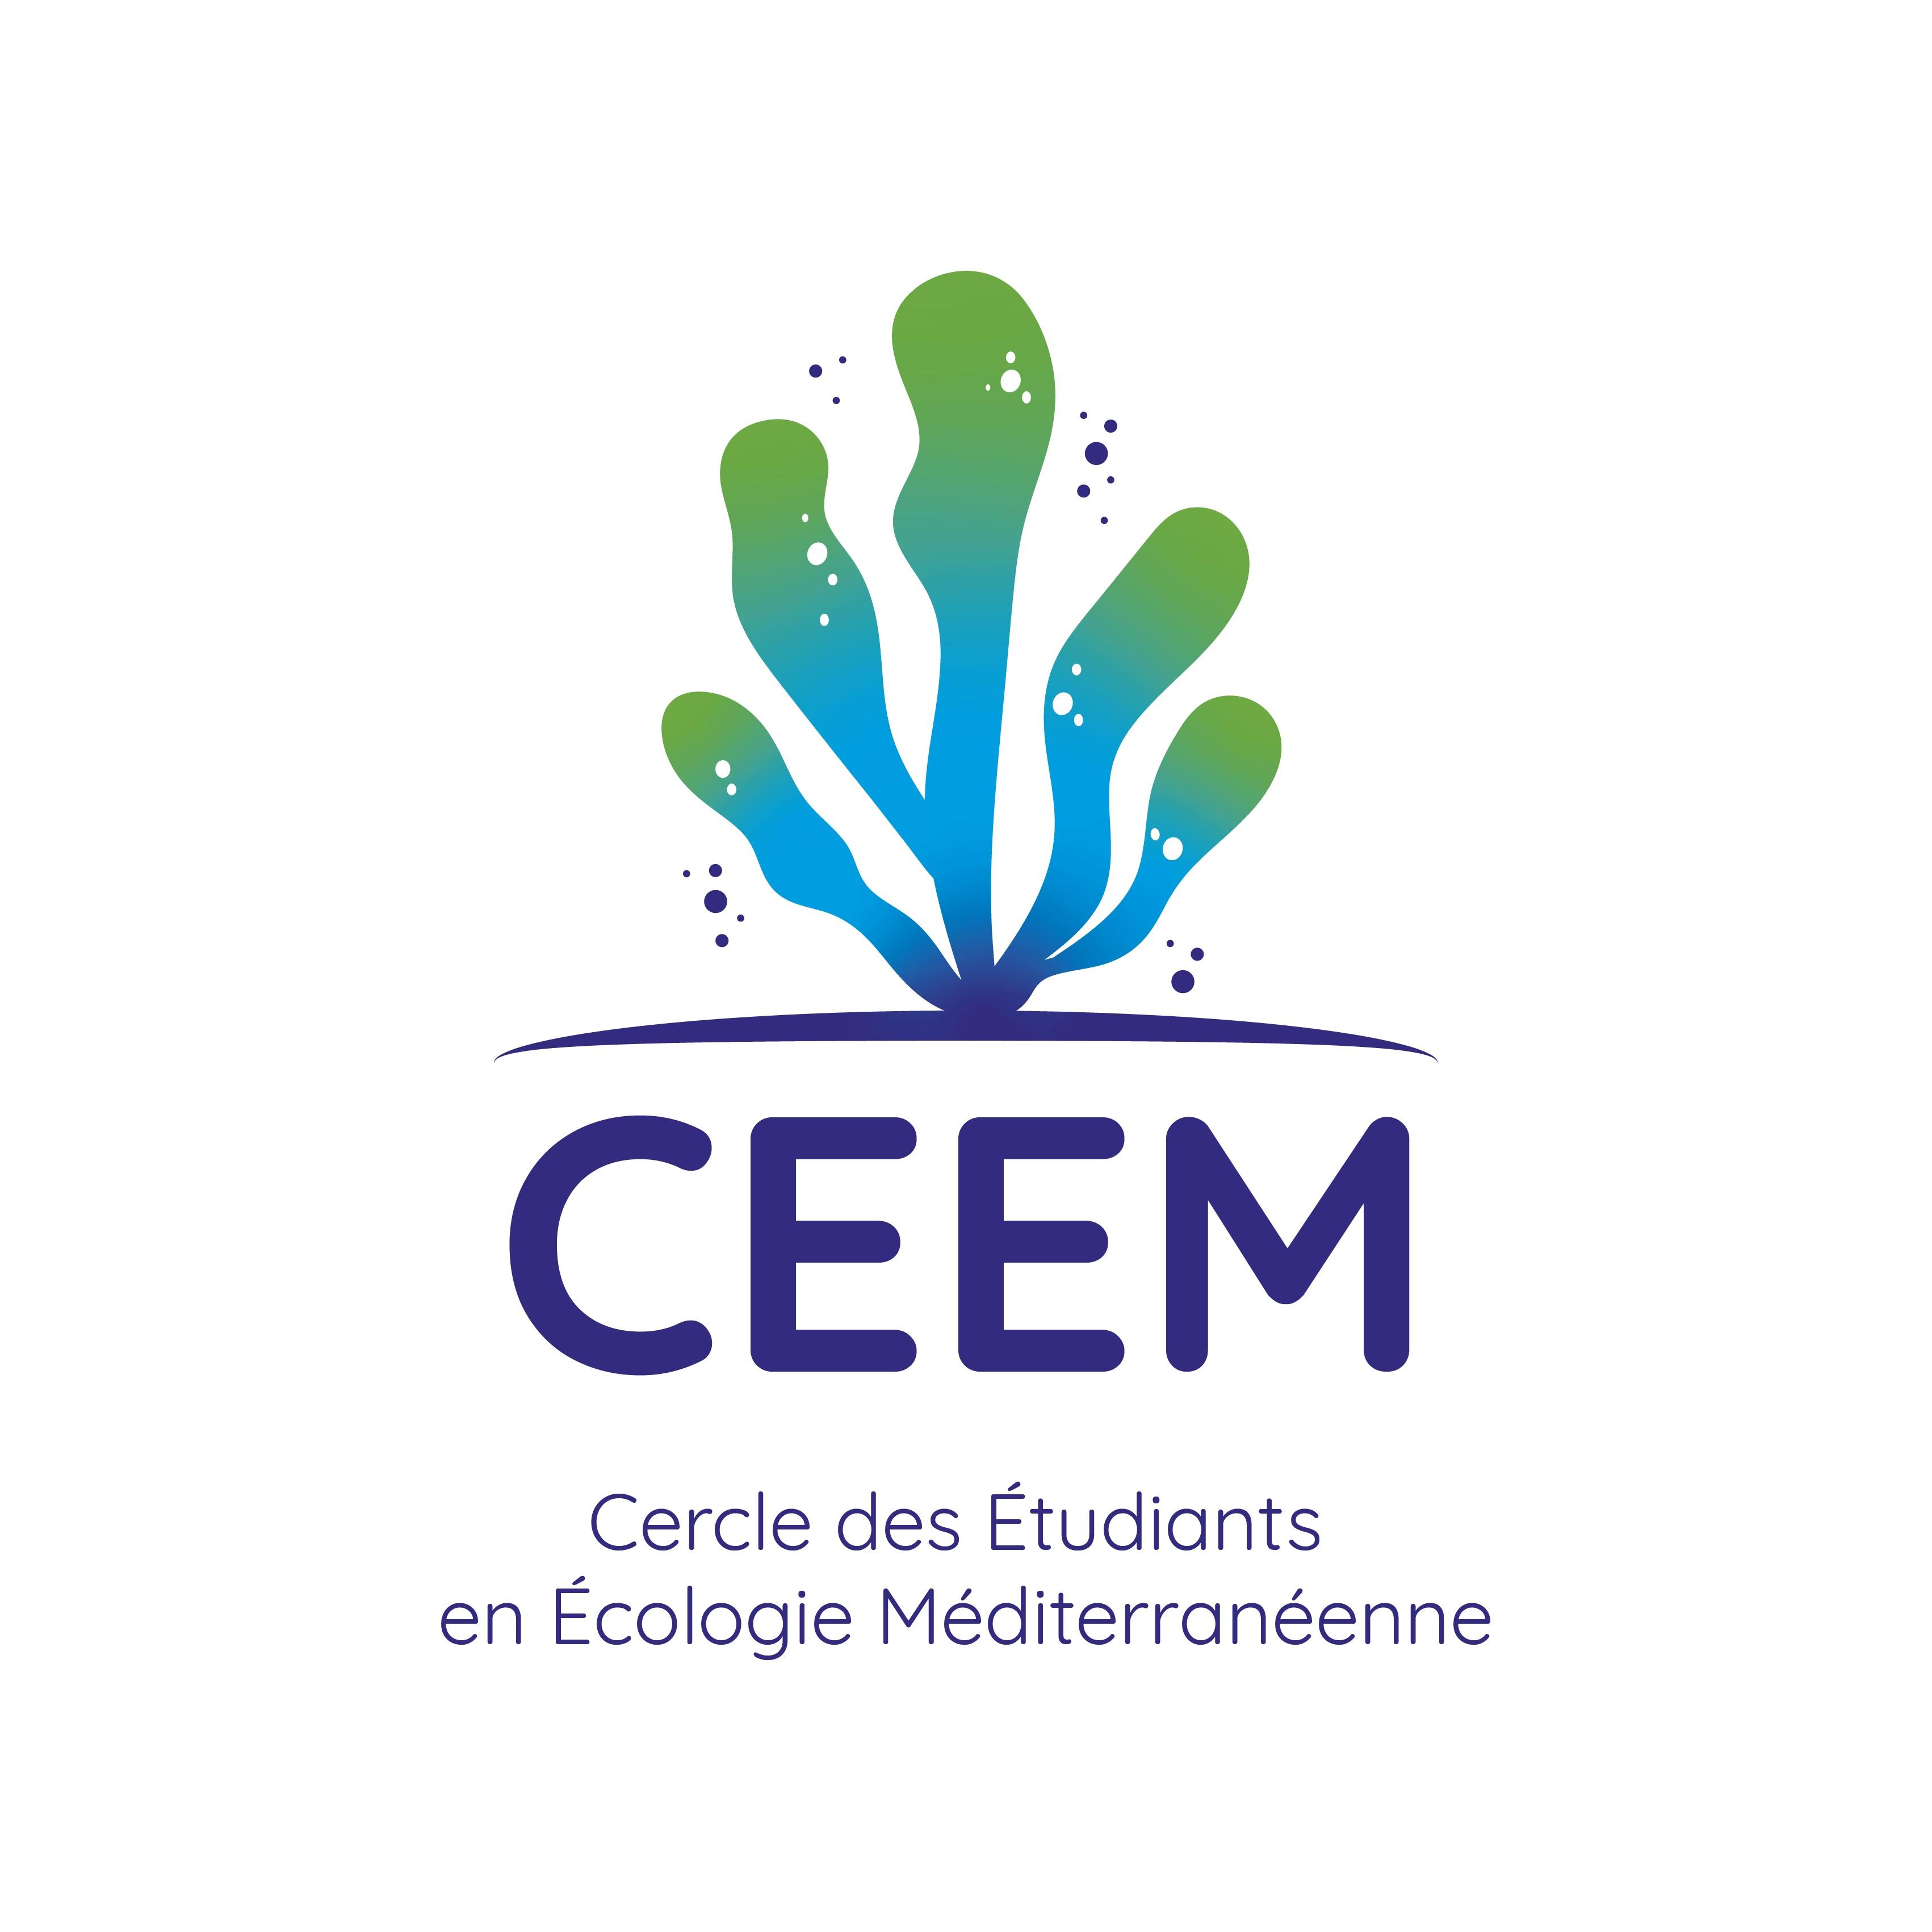 Logo Cercle des Etudiants en Ecologie Méditerranéenne (CEEM)